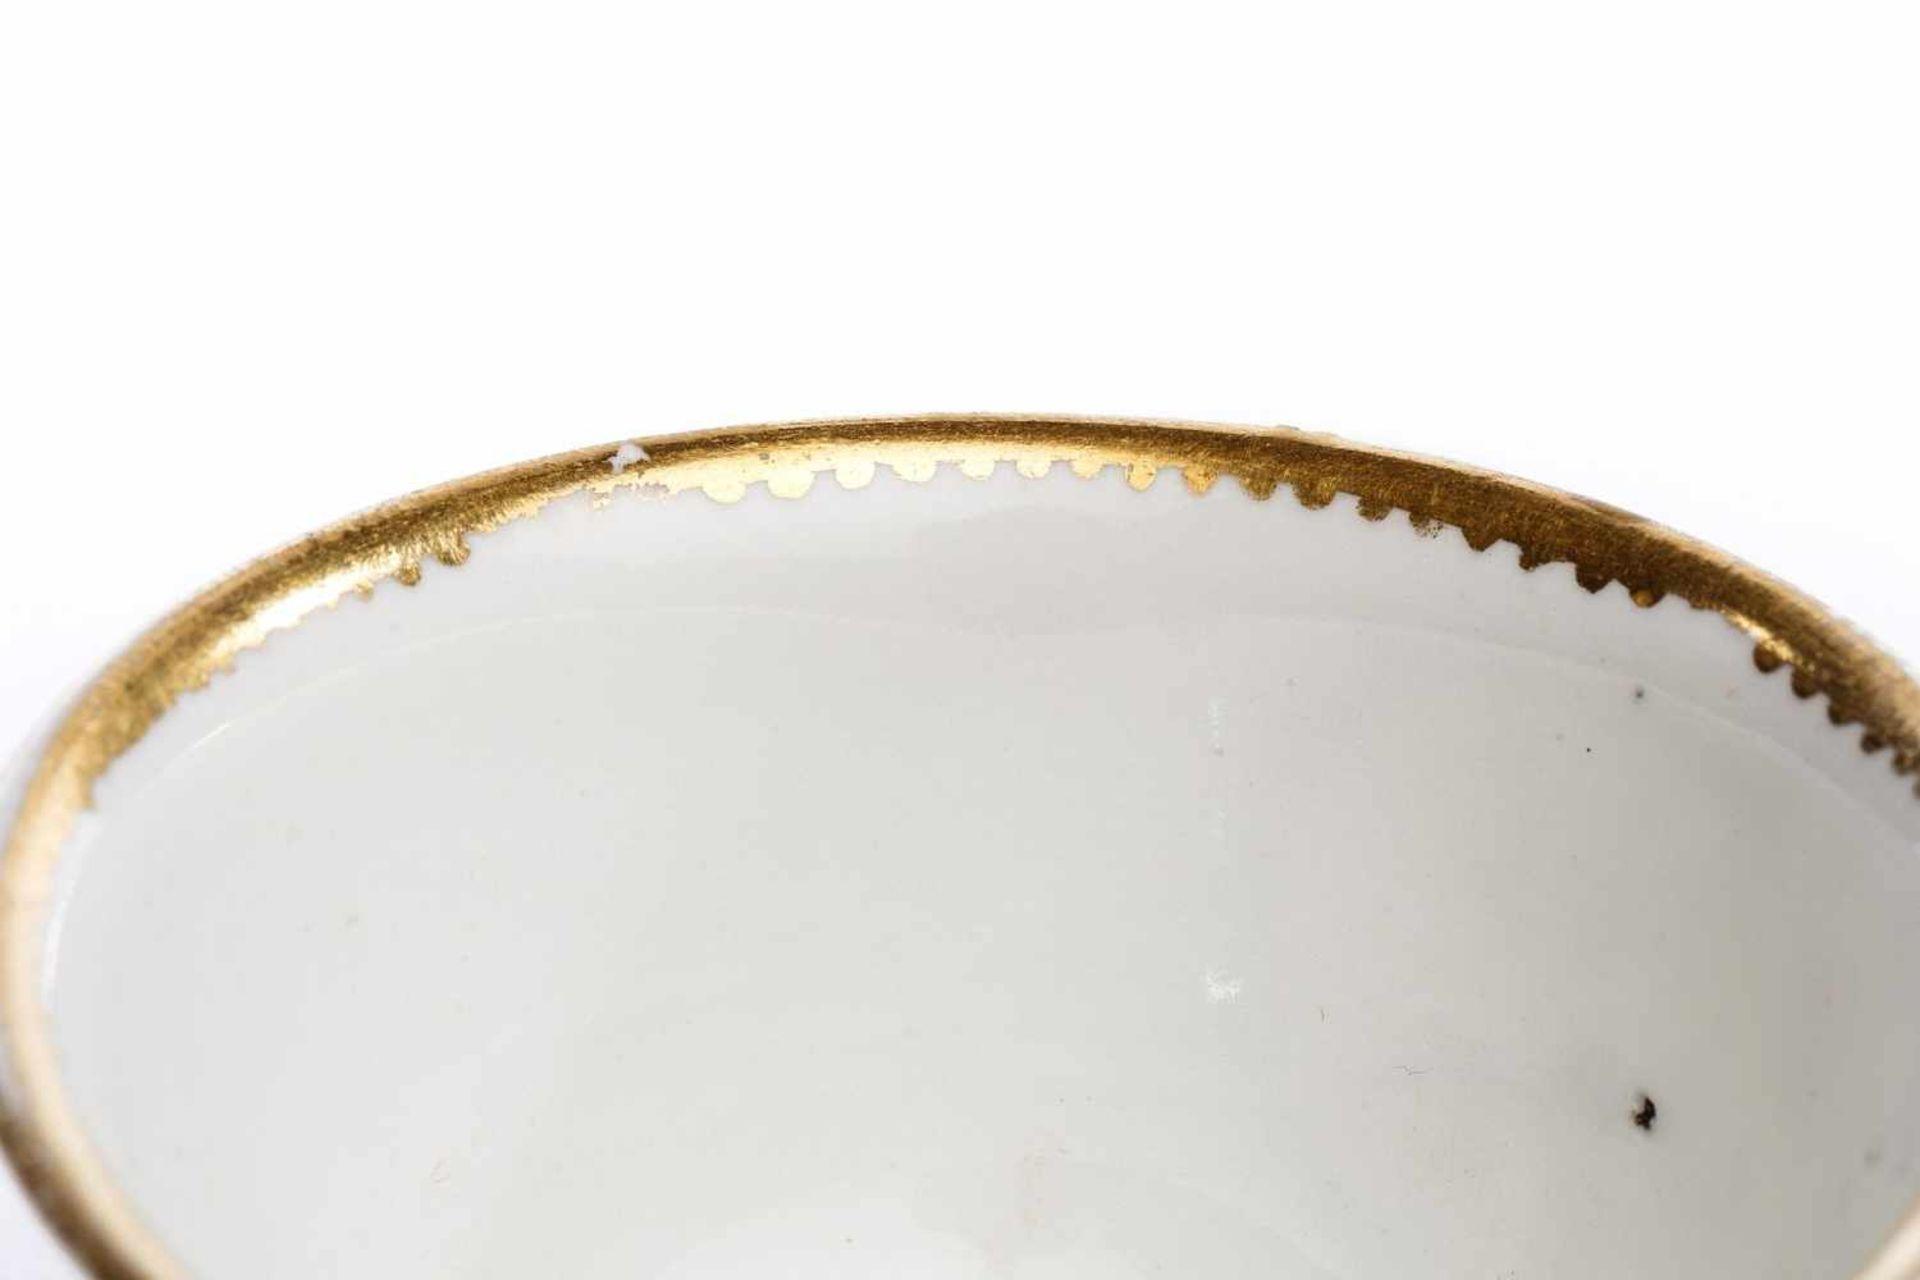 Koppchen ohne Unterschale, Meissen 1720/25 - Bild 3 aus 4